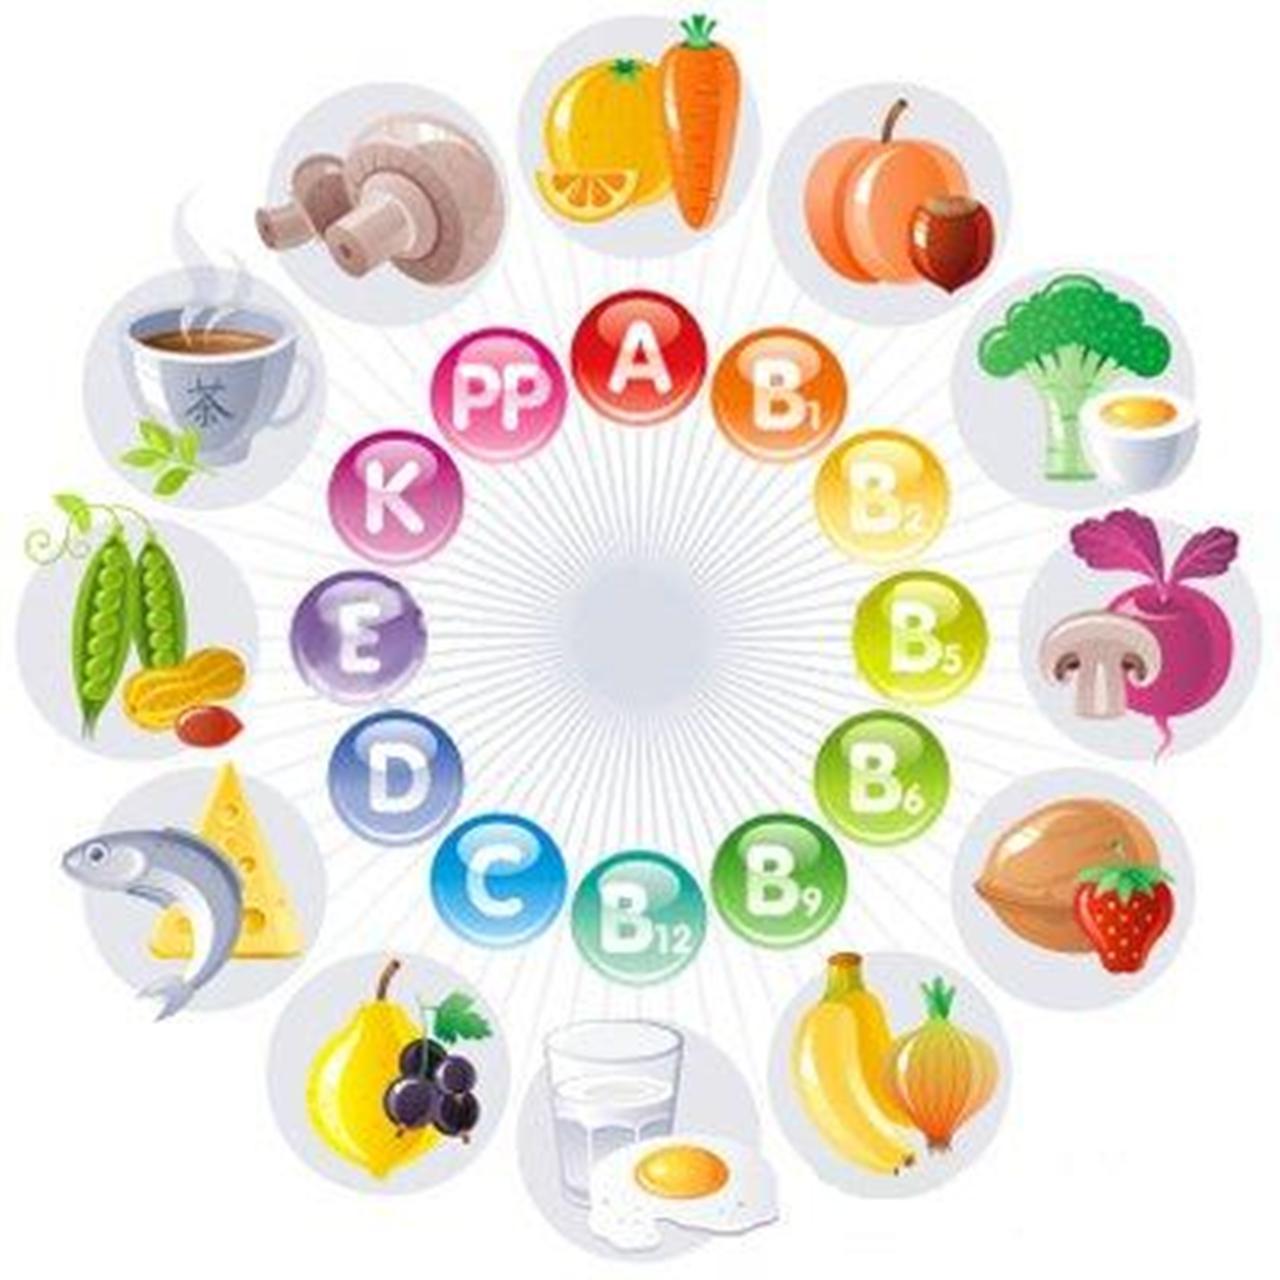 Смачне здоров'я - вітаміни